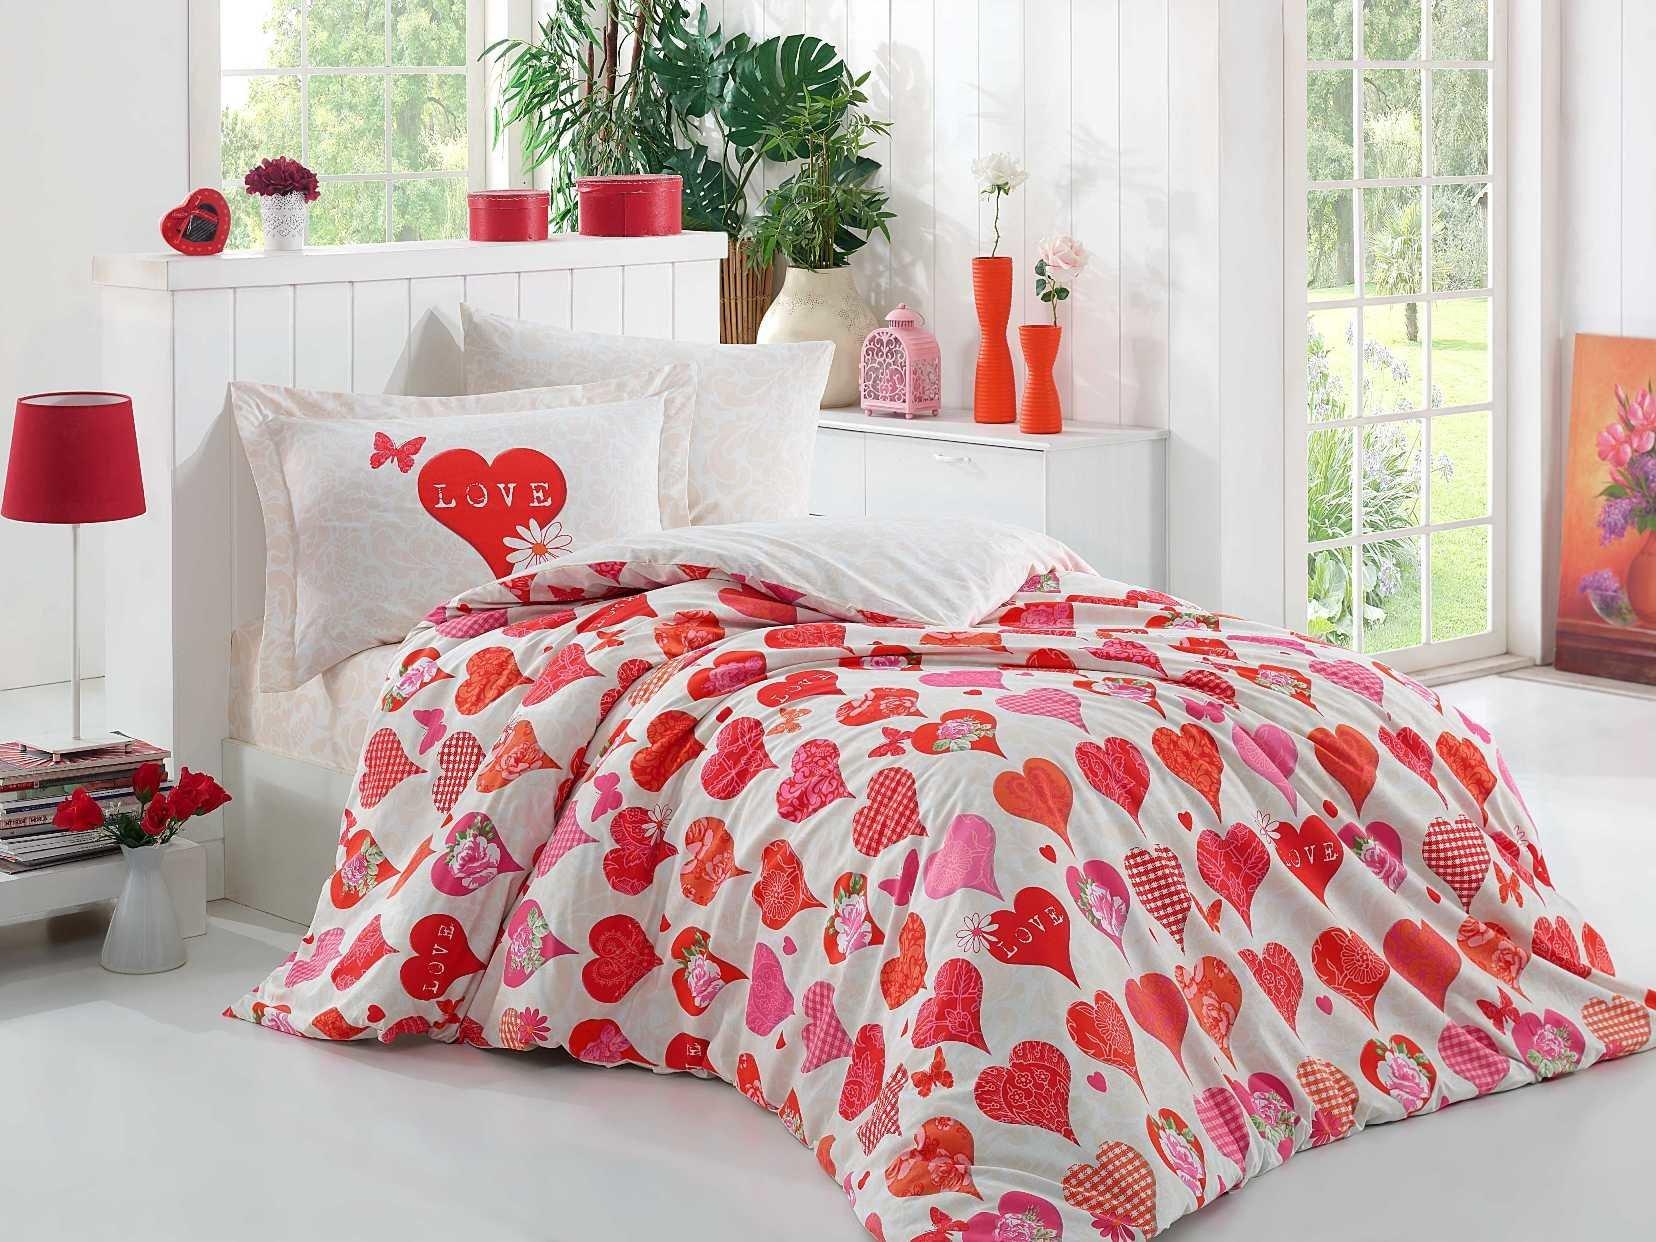 Романтична постільна білизна на День святого Валентина 6aa286d796c24